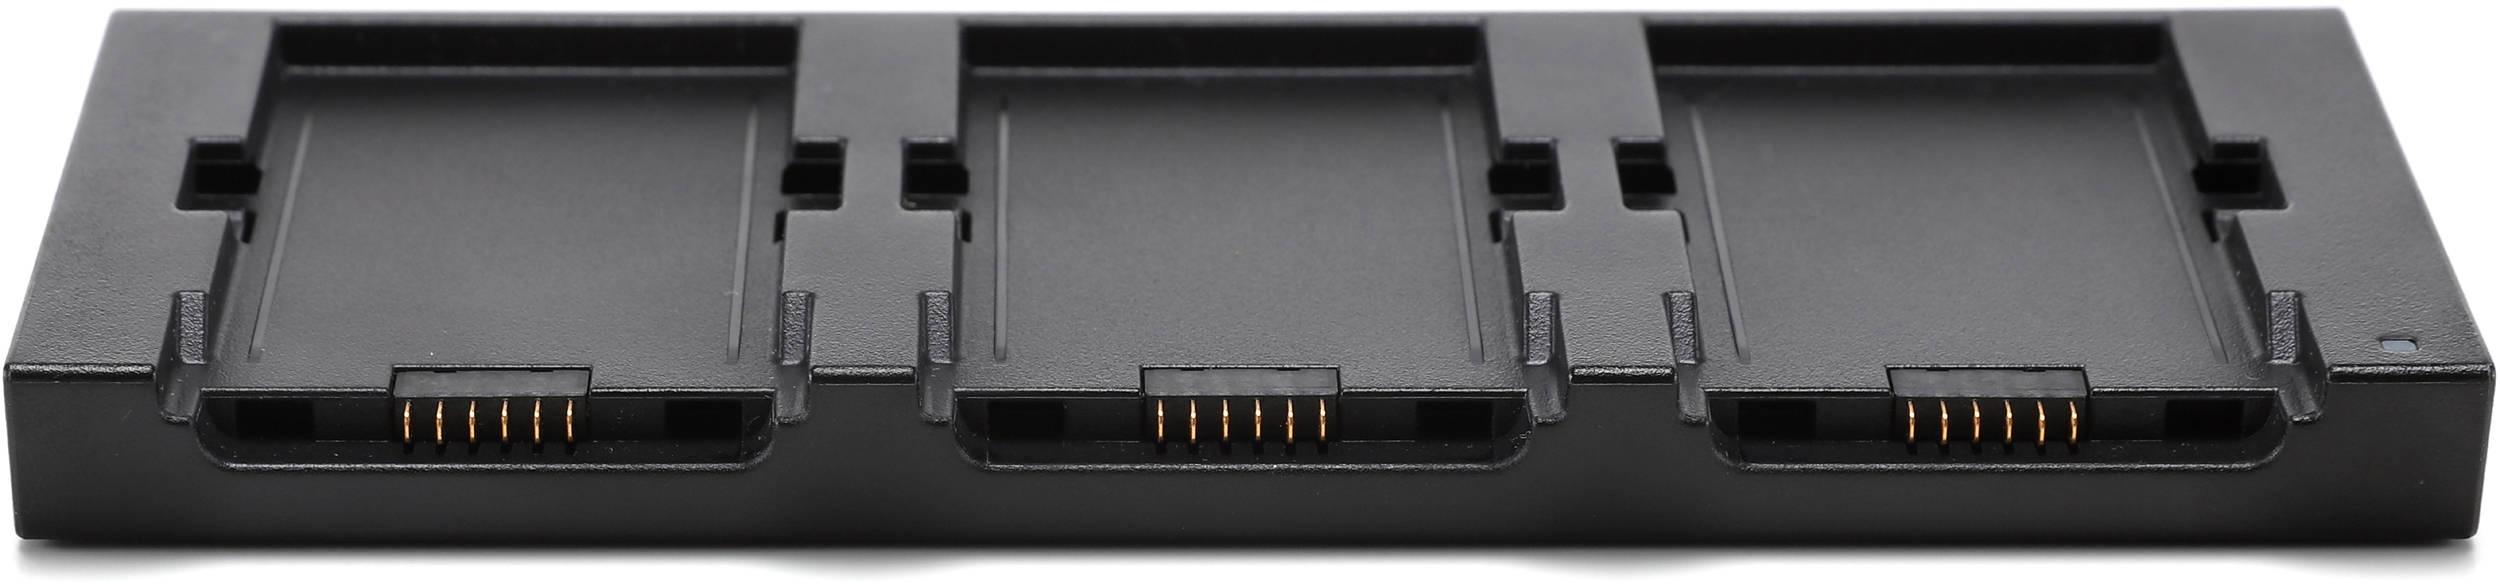 Зарядный хаб для 3 батарей Spark Battery Charging Hub-5